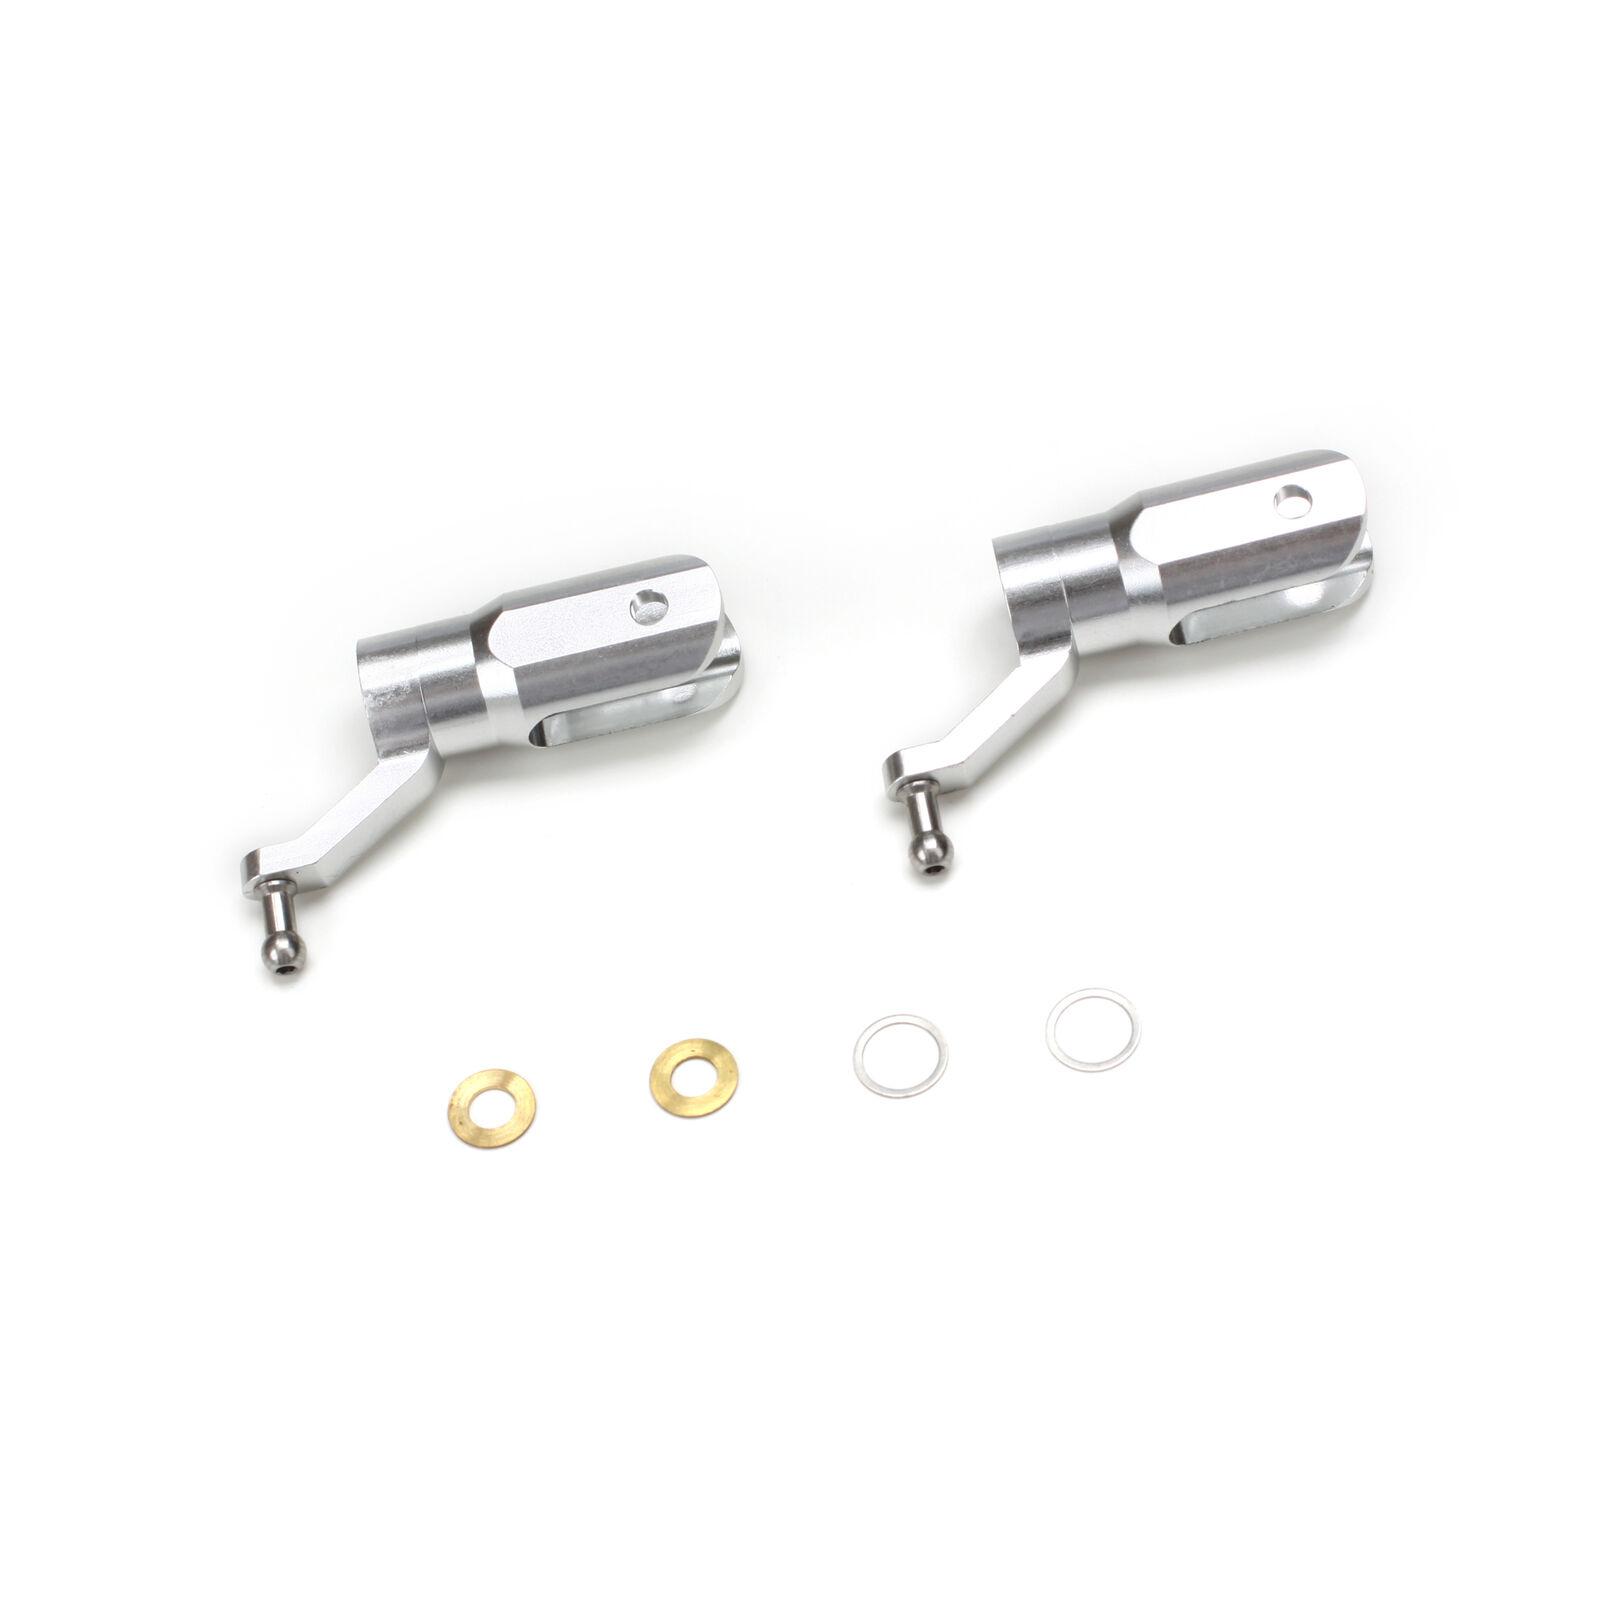 Aluminum Flybarless Main Rotor Grip Set: B450 X